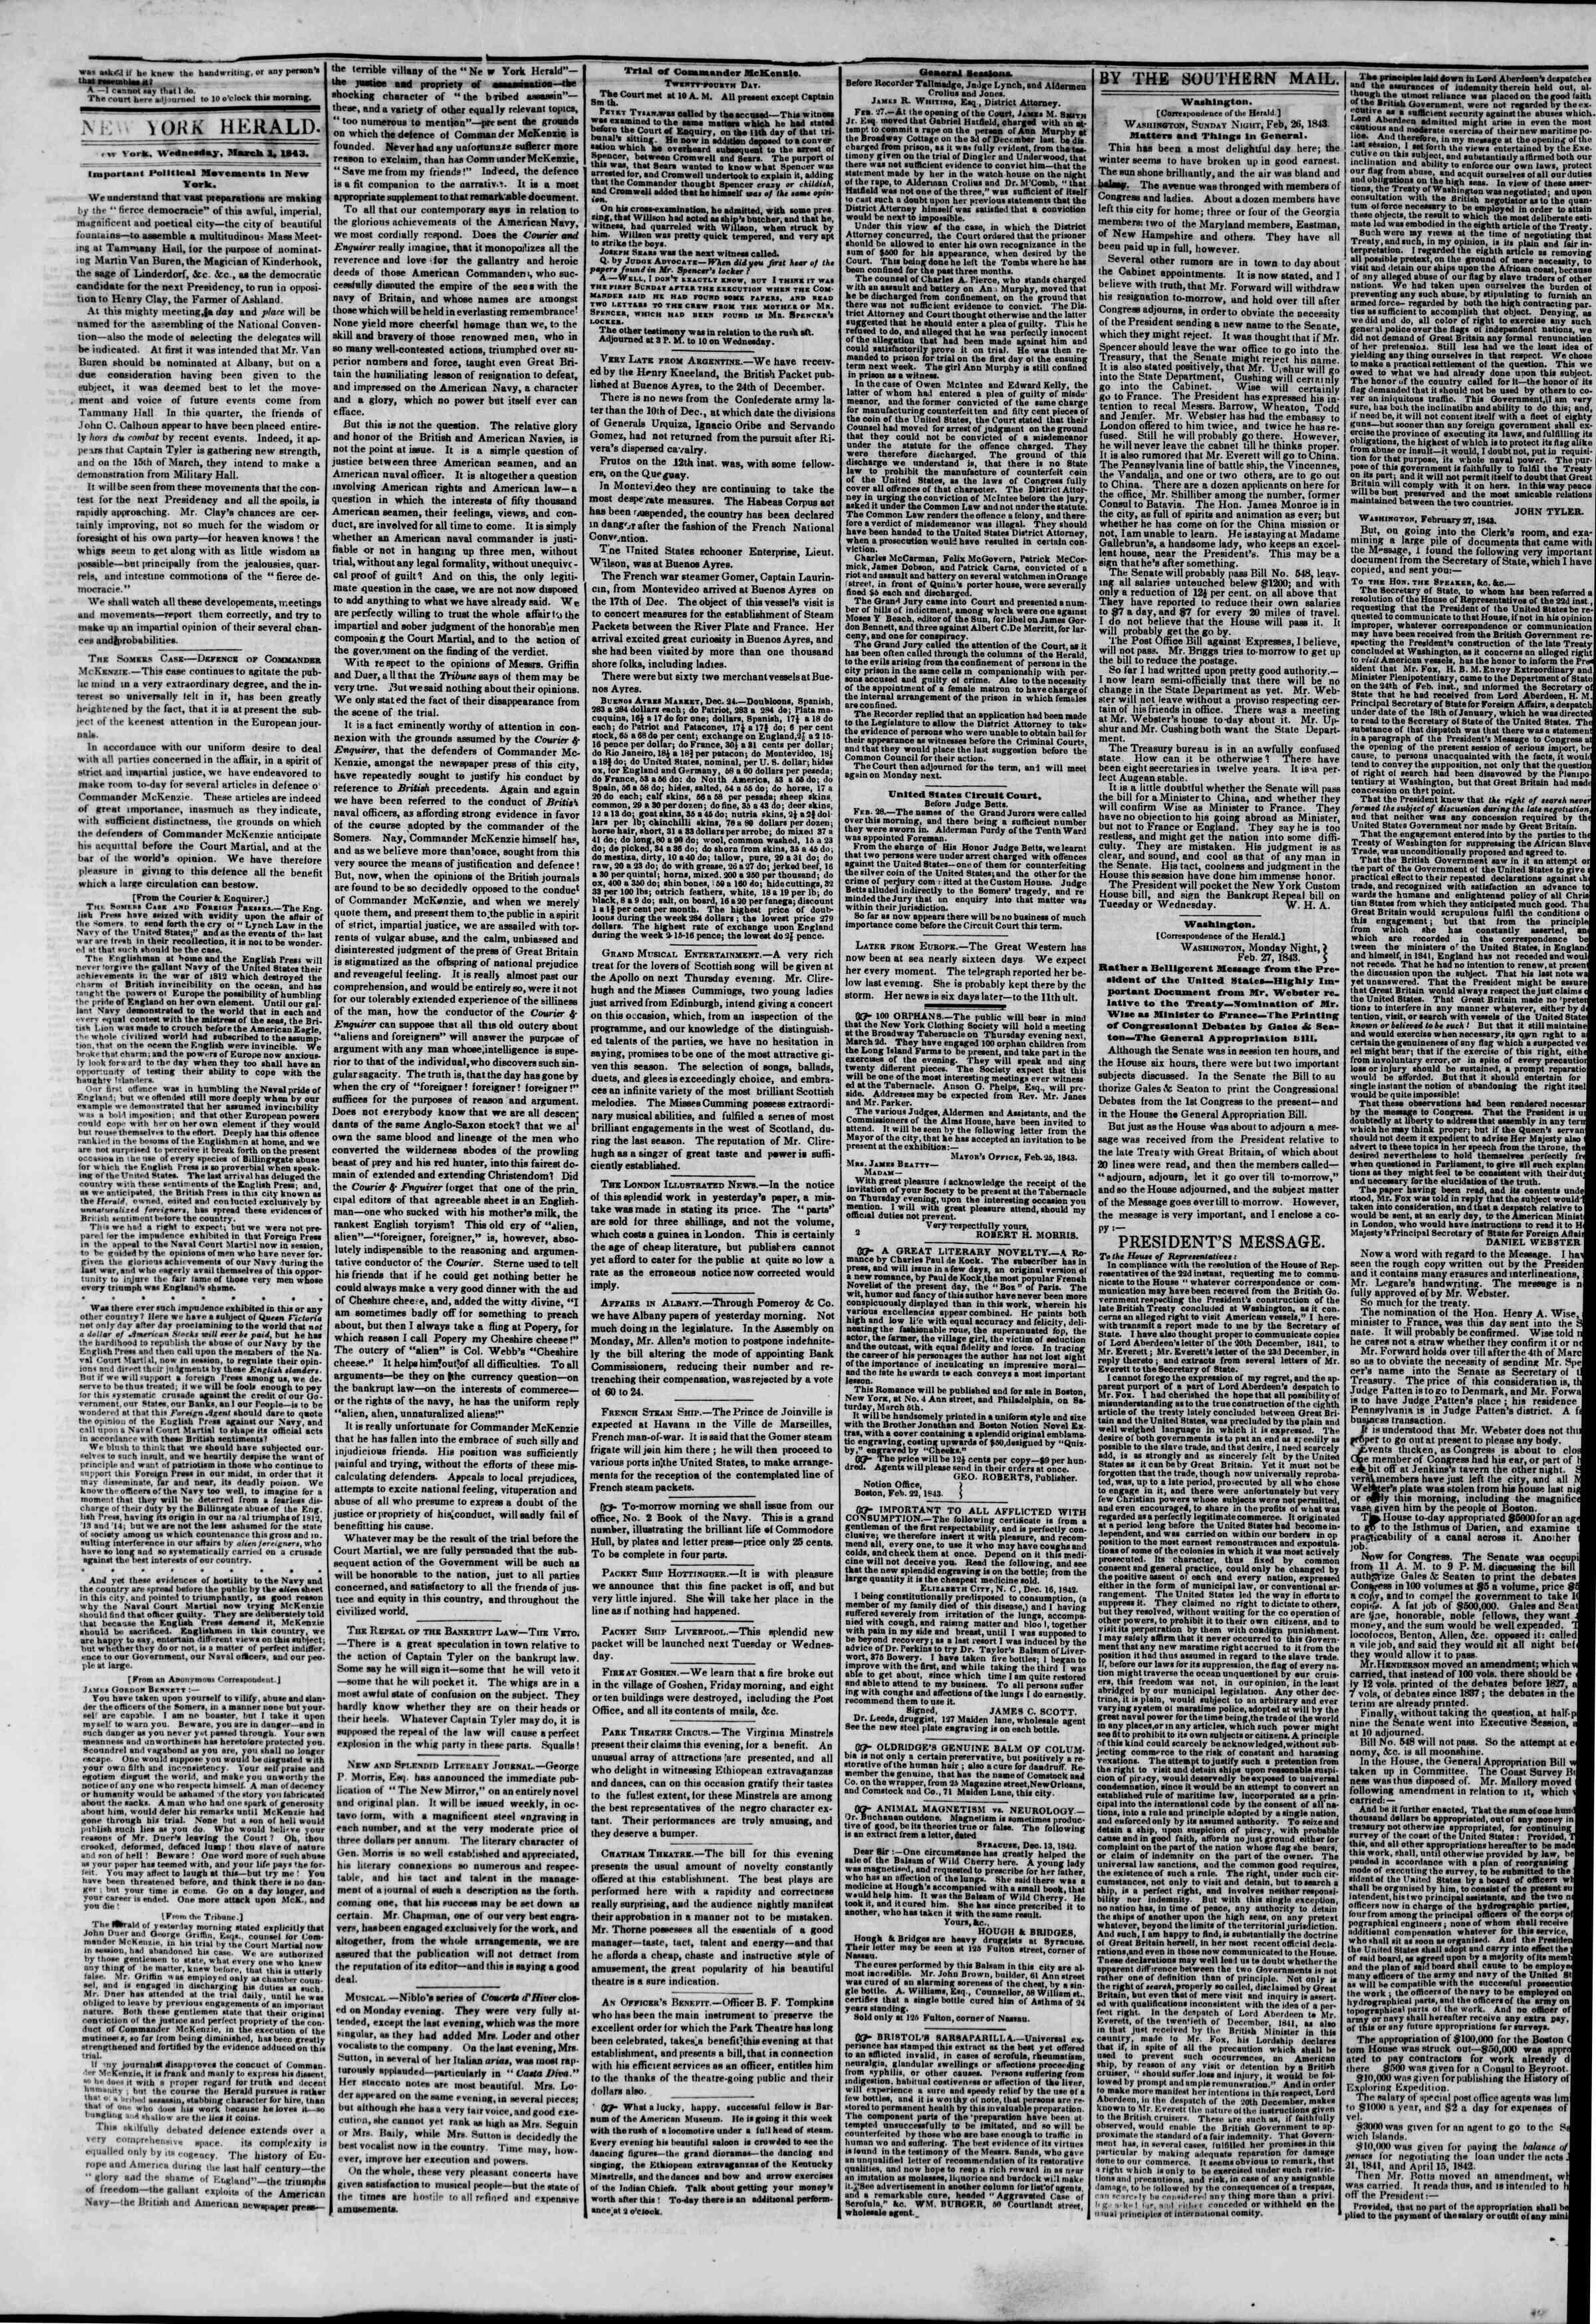 March 1, 1843 Tarihli The New York Herald Gazetesi Sayfa 2